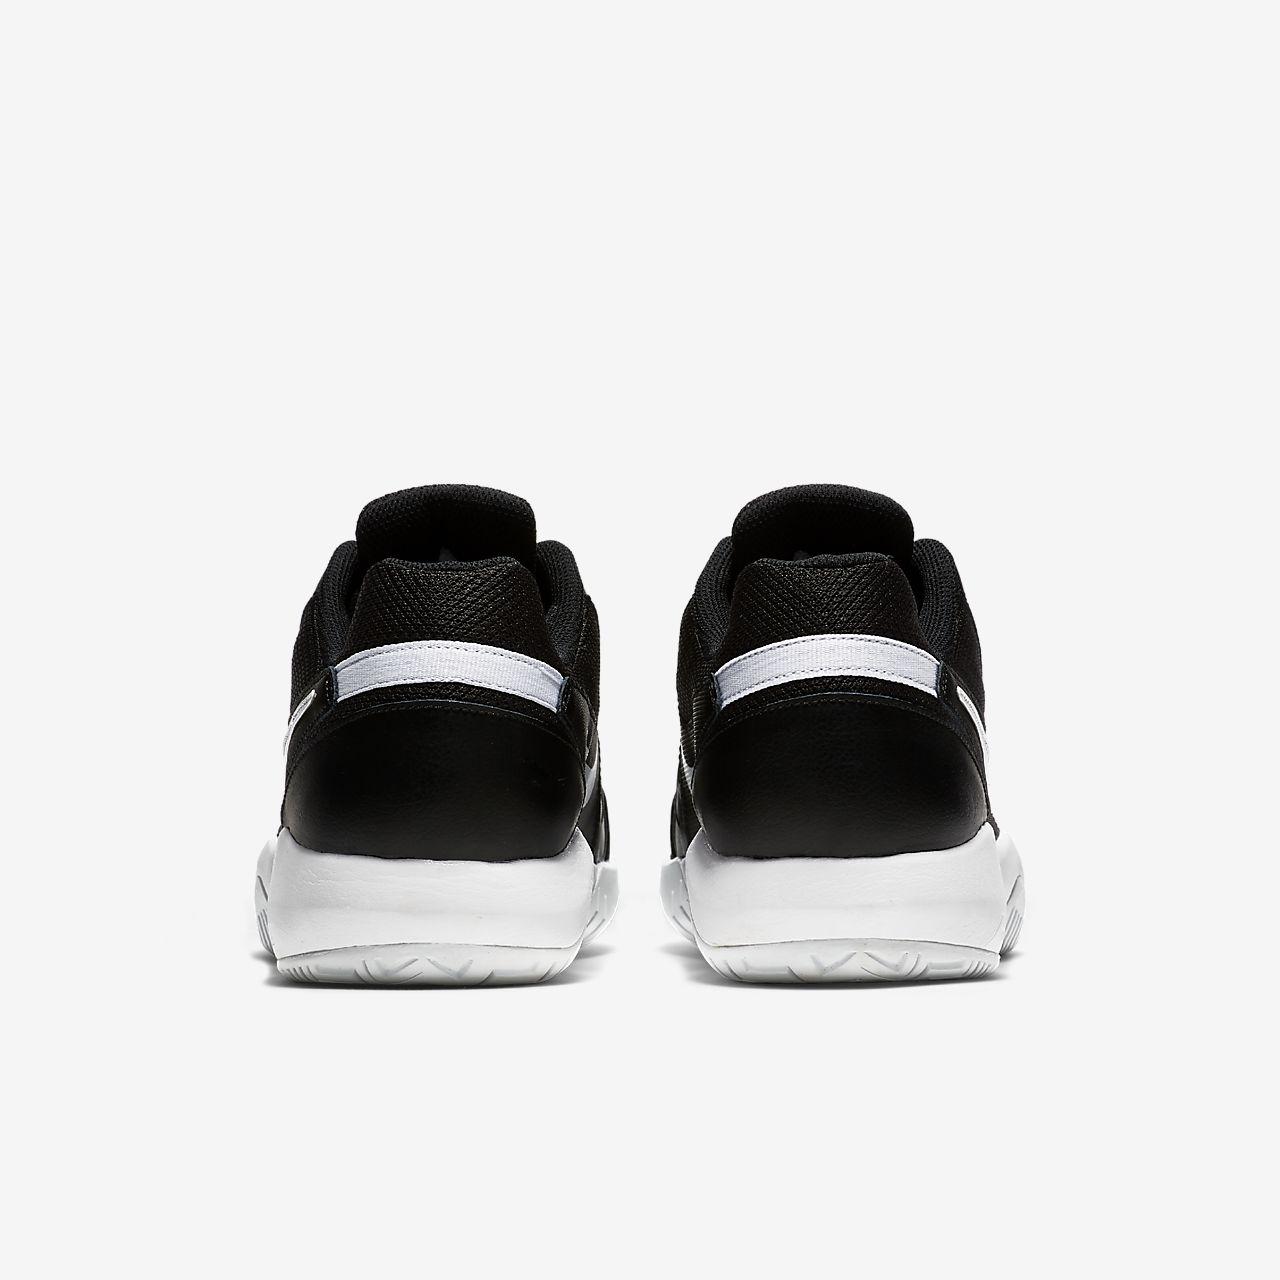 NikeCourt Air Zoom Resistance Zapatillas de tenis de pista rápida Hombre